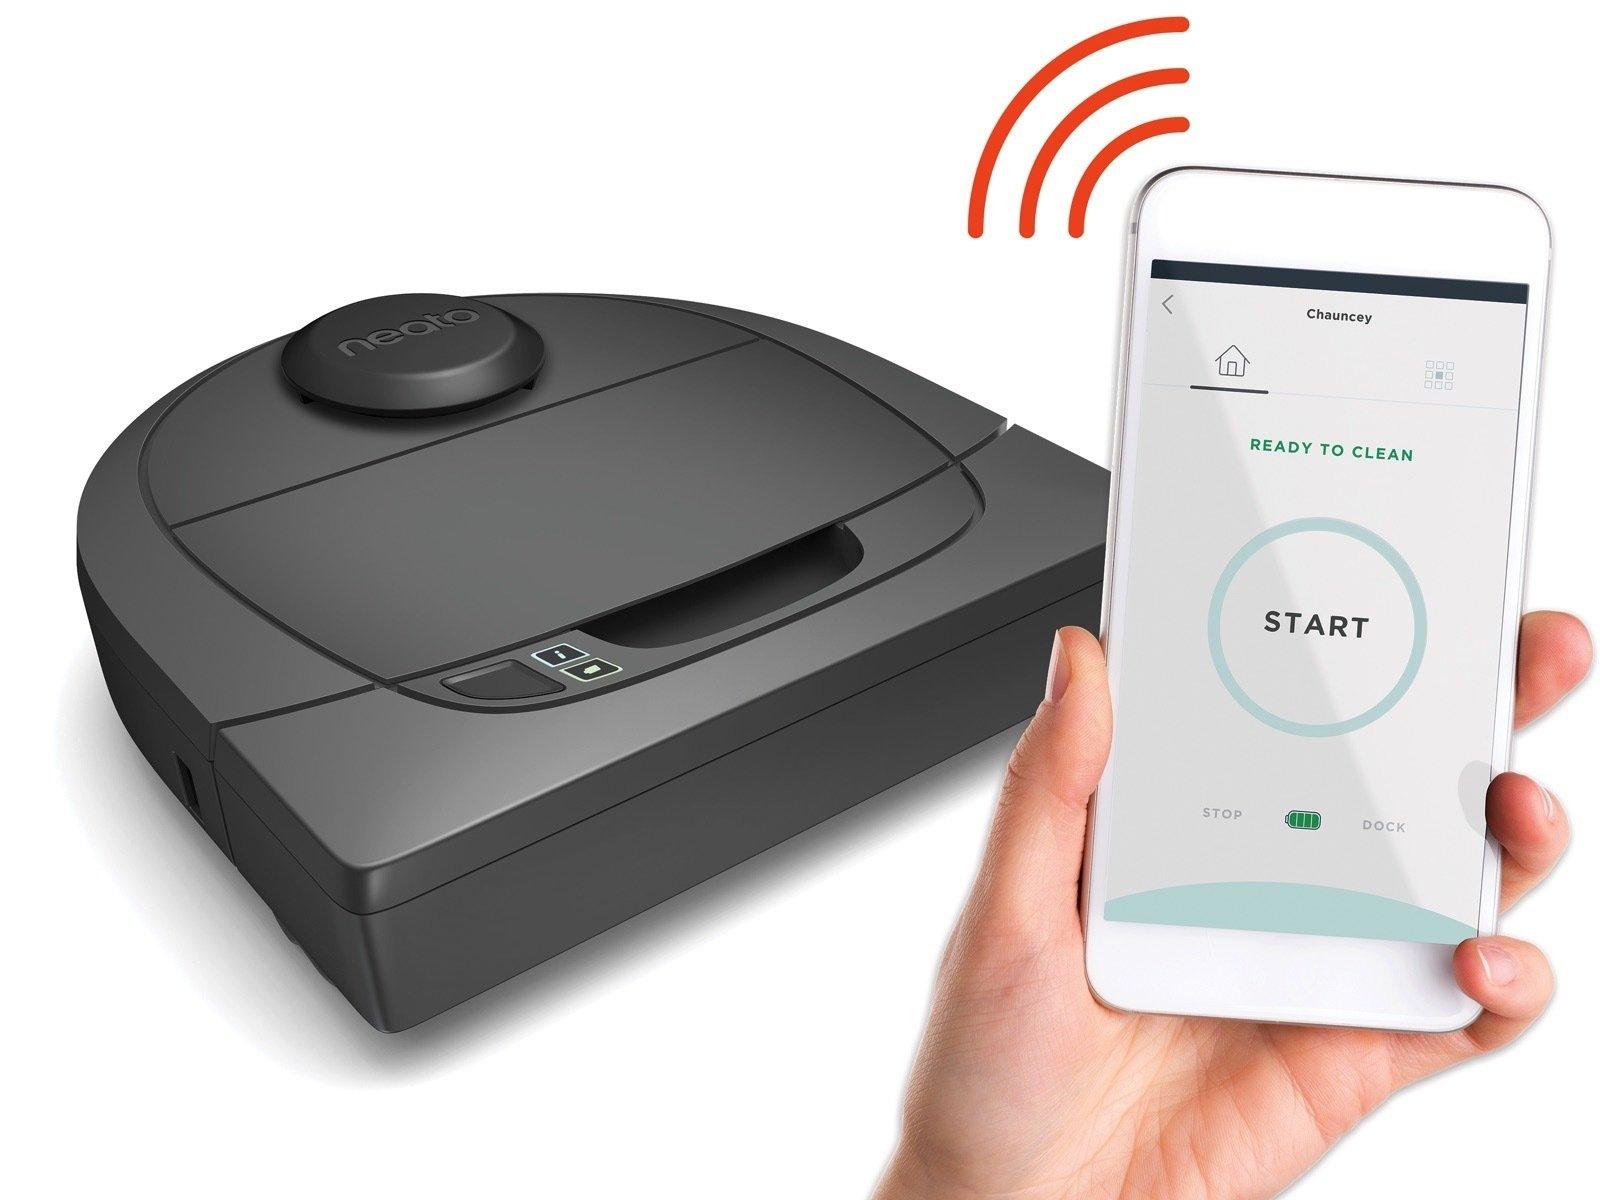 Neato presenta nuovi robot aspirapolvere più economici e con connettività Wi-Fi